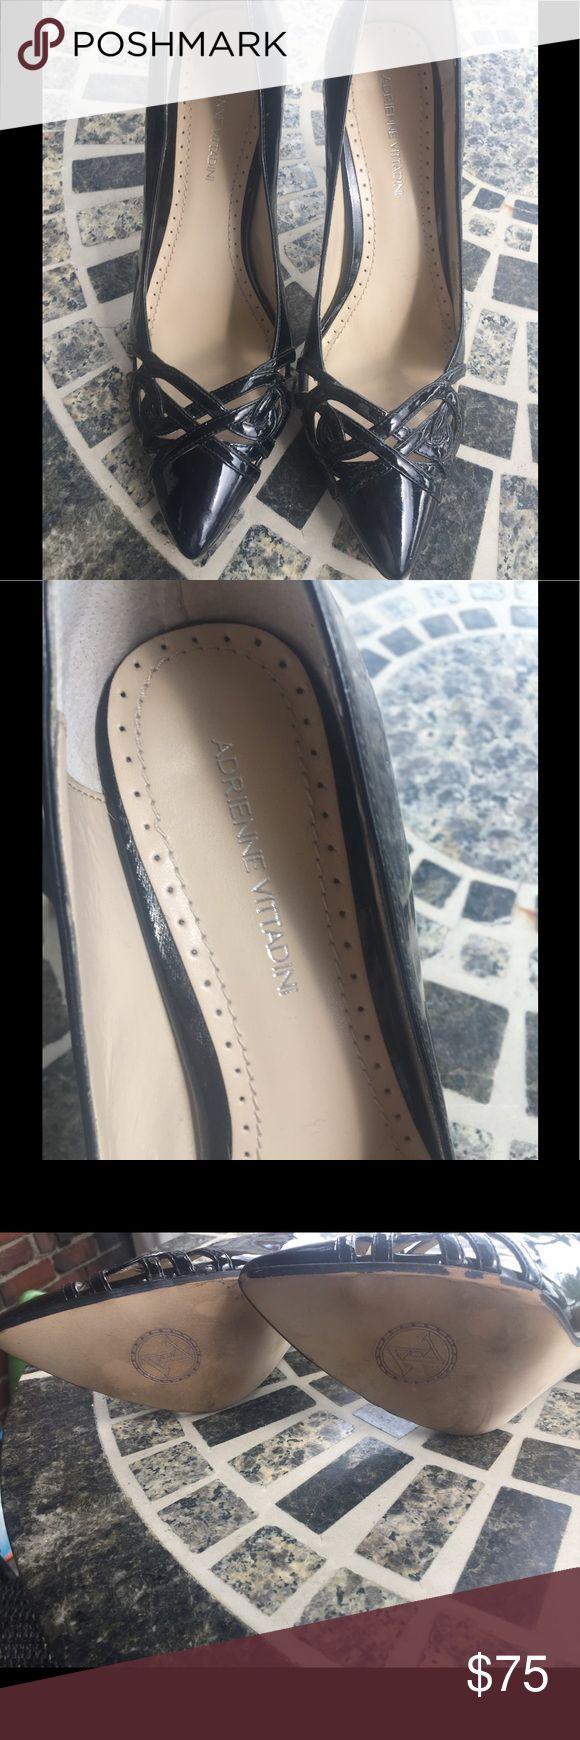 """Adrienne Vittadini Black patent leather heels Adrienne Vittadini size 7 black patent leather shoes. Only worn twice! 3.5"""" heel. Adrienne Vittadini Shoes Heels"""